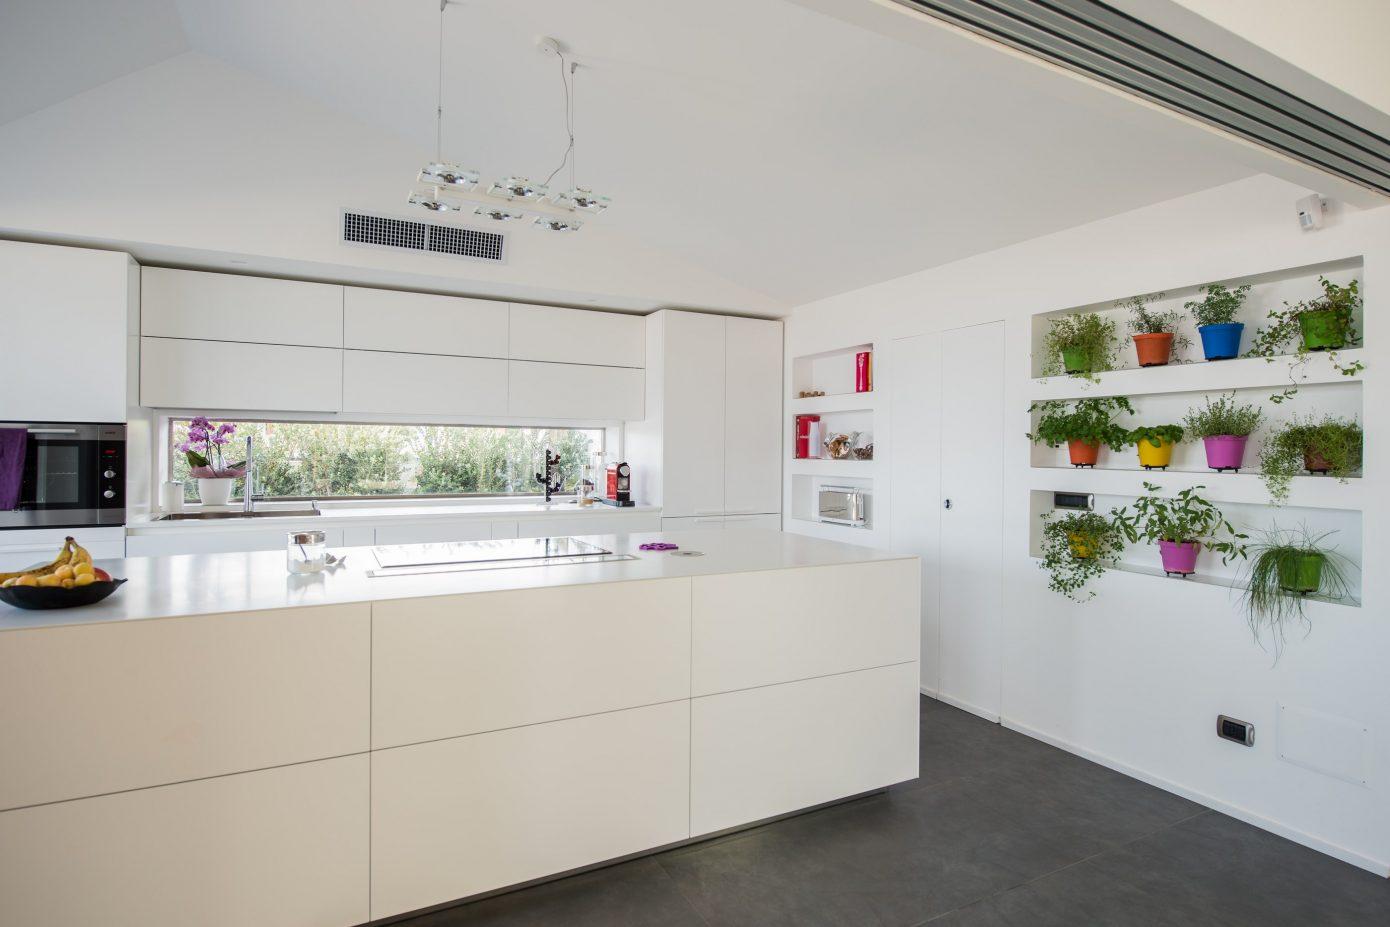 Attic apartment by mobilificio marchese homeadore - Mobilificio marchese ...